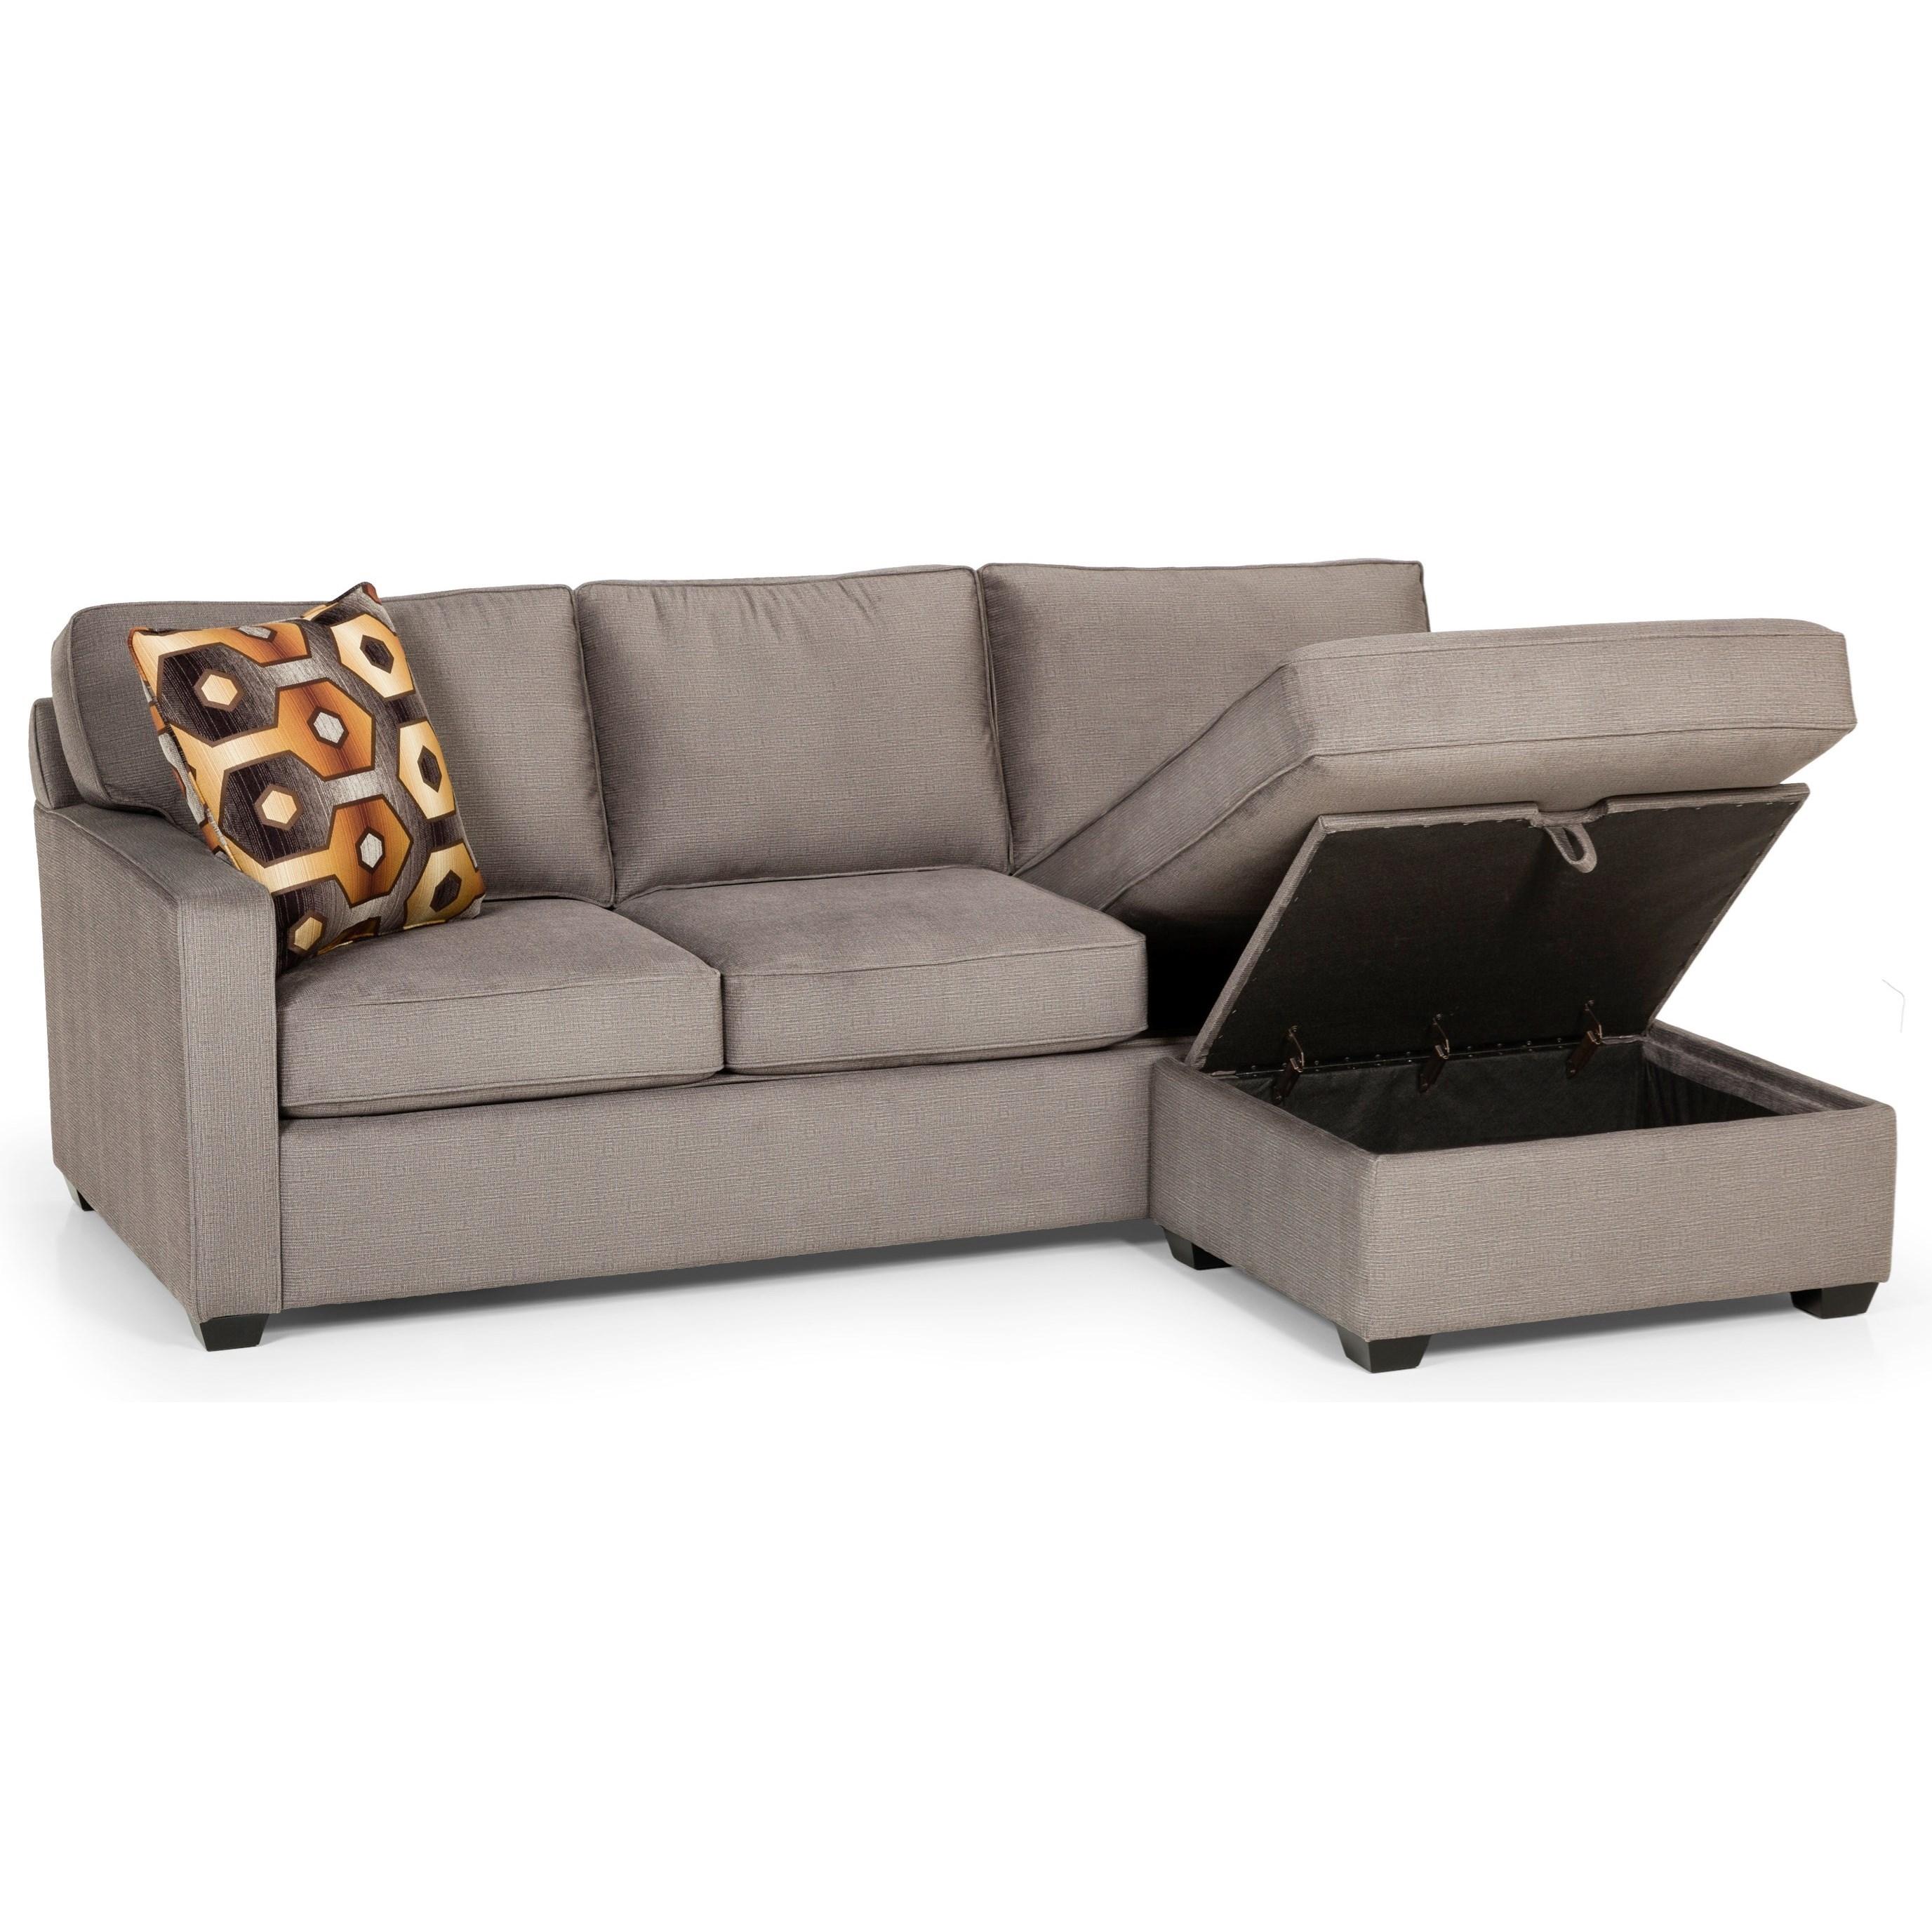 casual sofa chaise queen gel sleeper